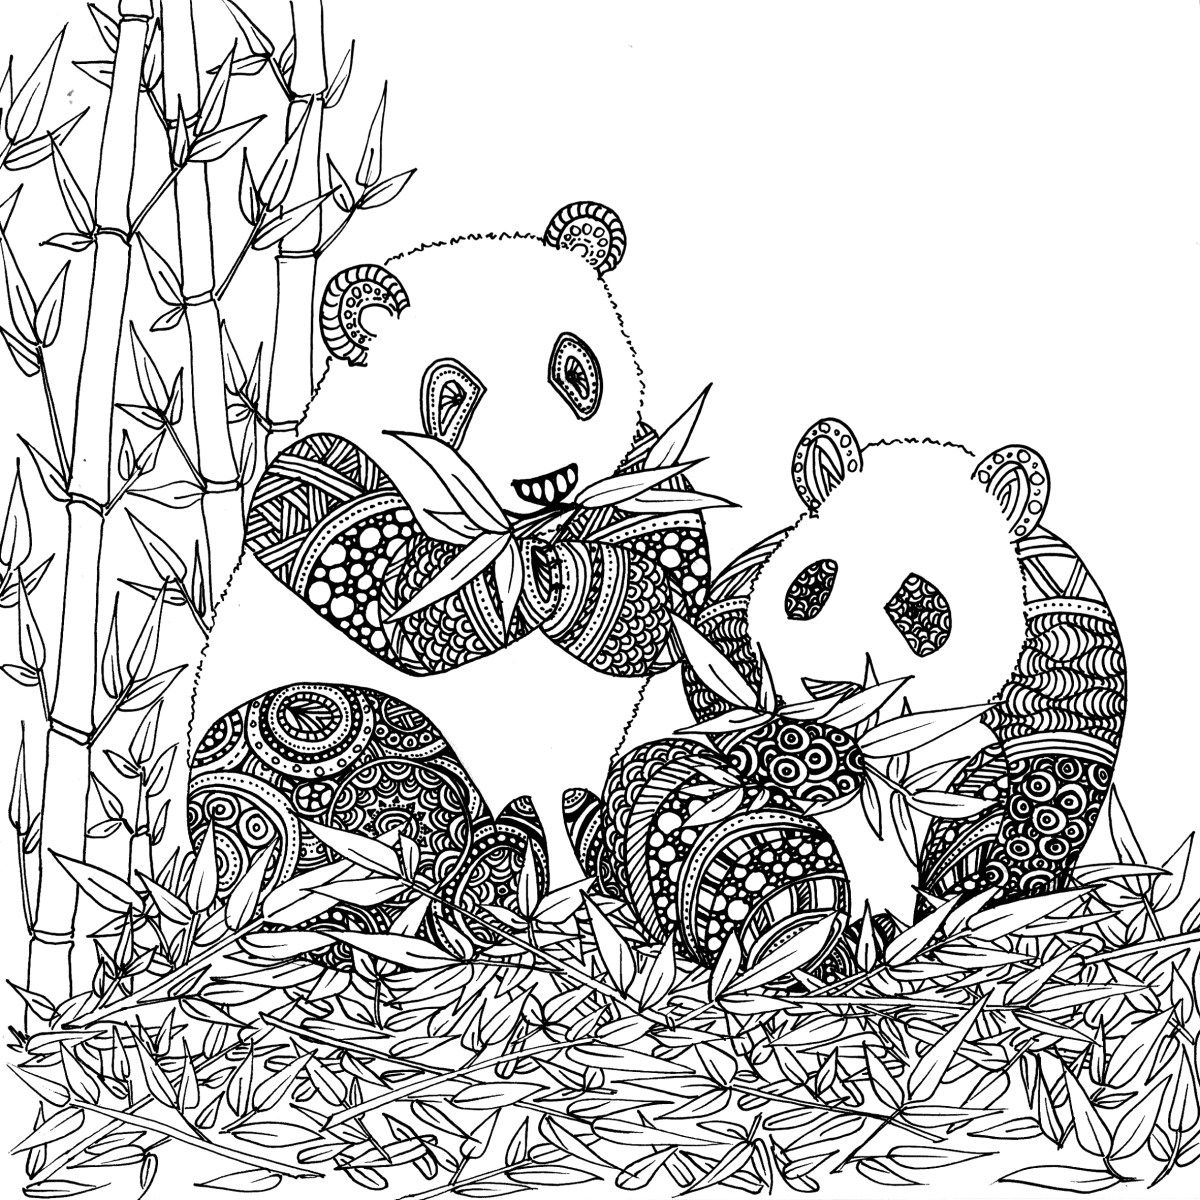 Coloriage De Animaux Panda A Imprimer Par Chocobo Coloring Pages